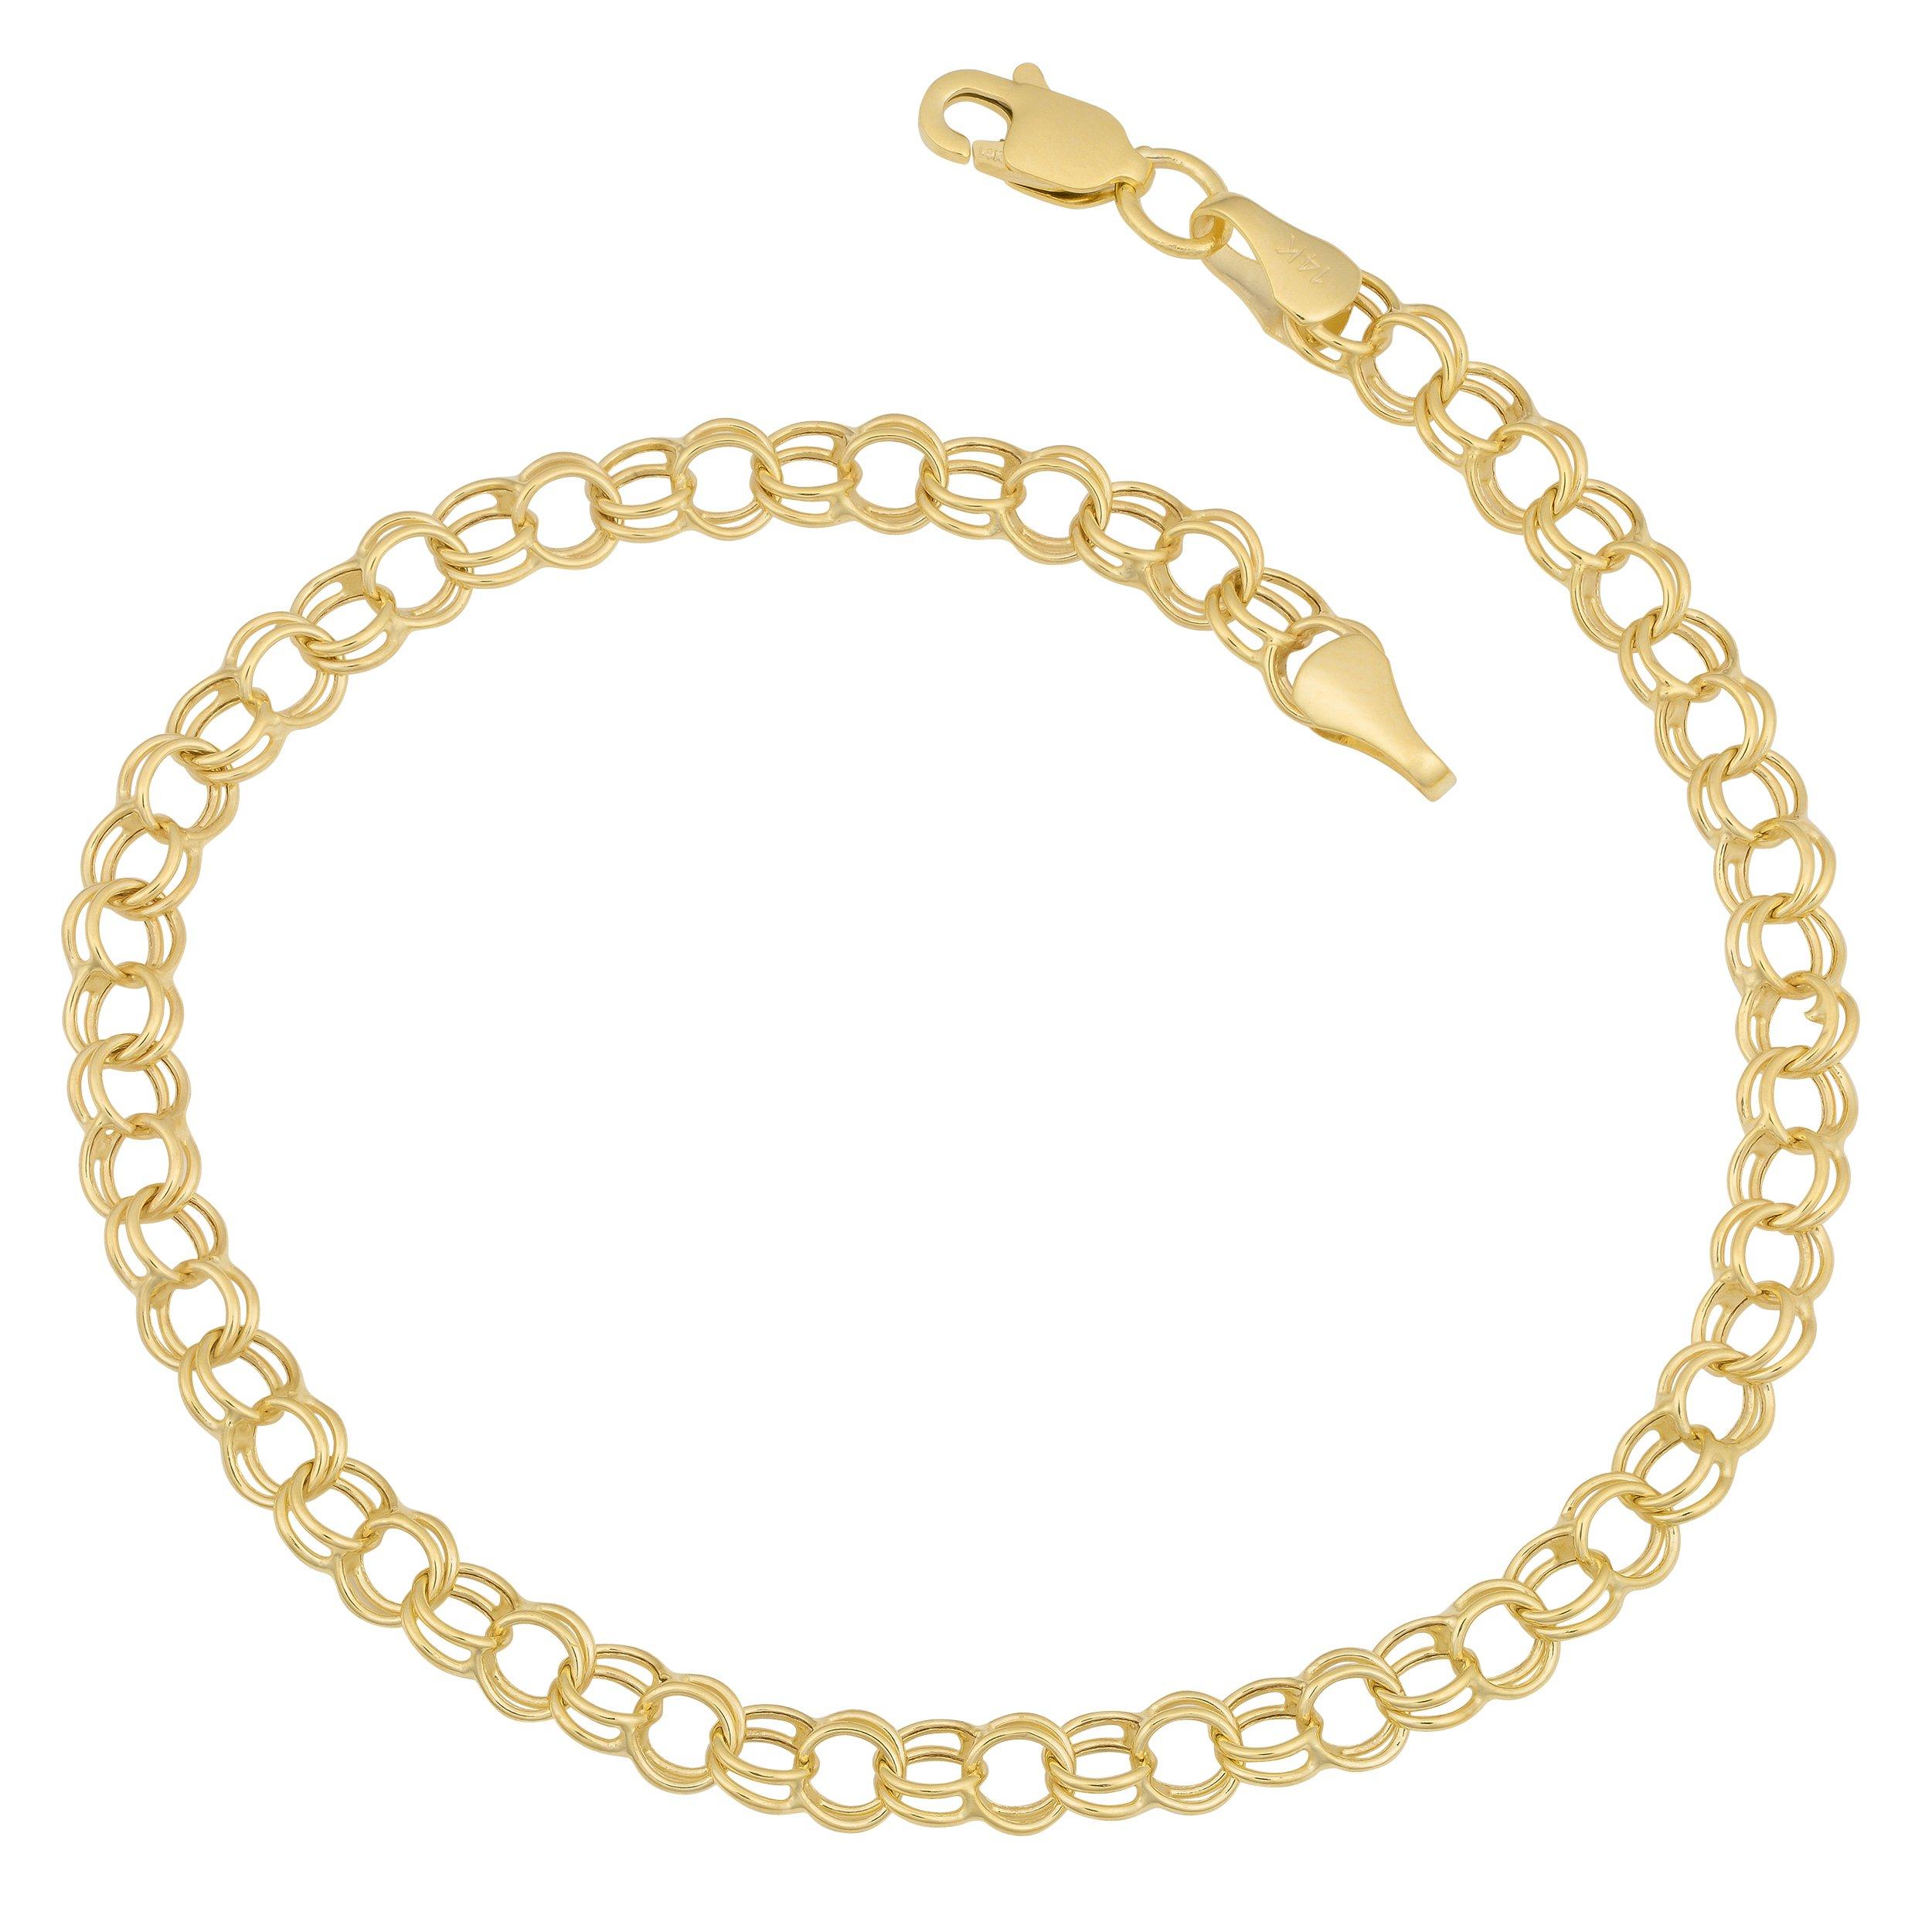 Kooljewelry 14k Yellow Gold 4 mm Round Charm Link Bracelet (7.5 inch) by Kooljewelry